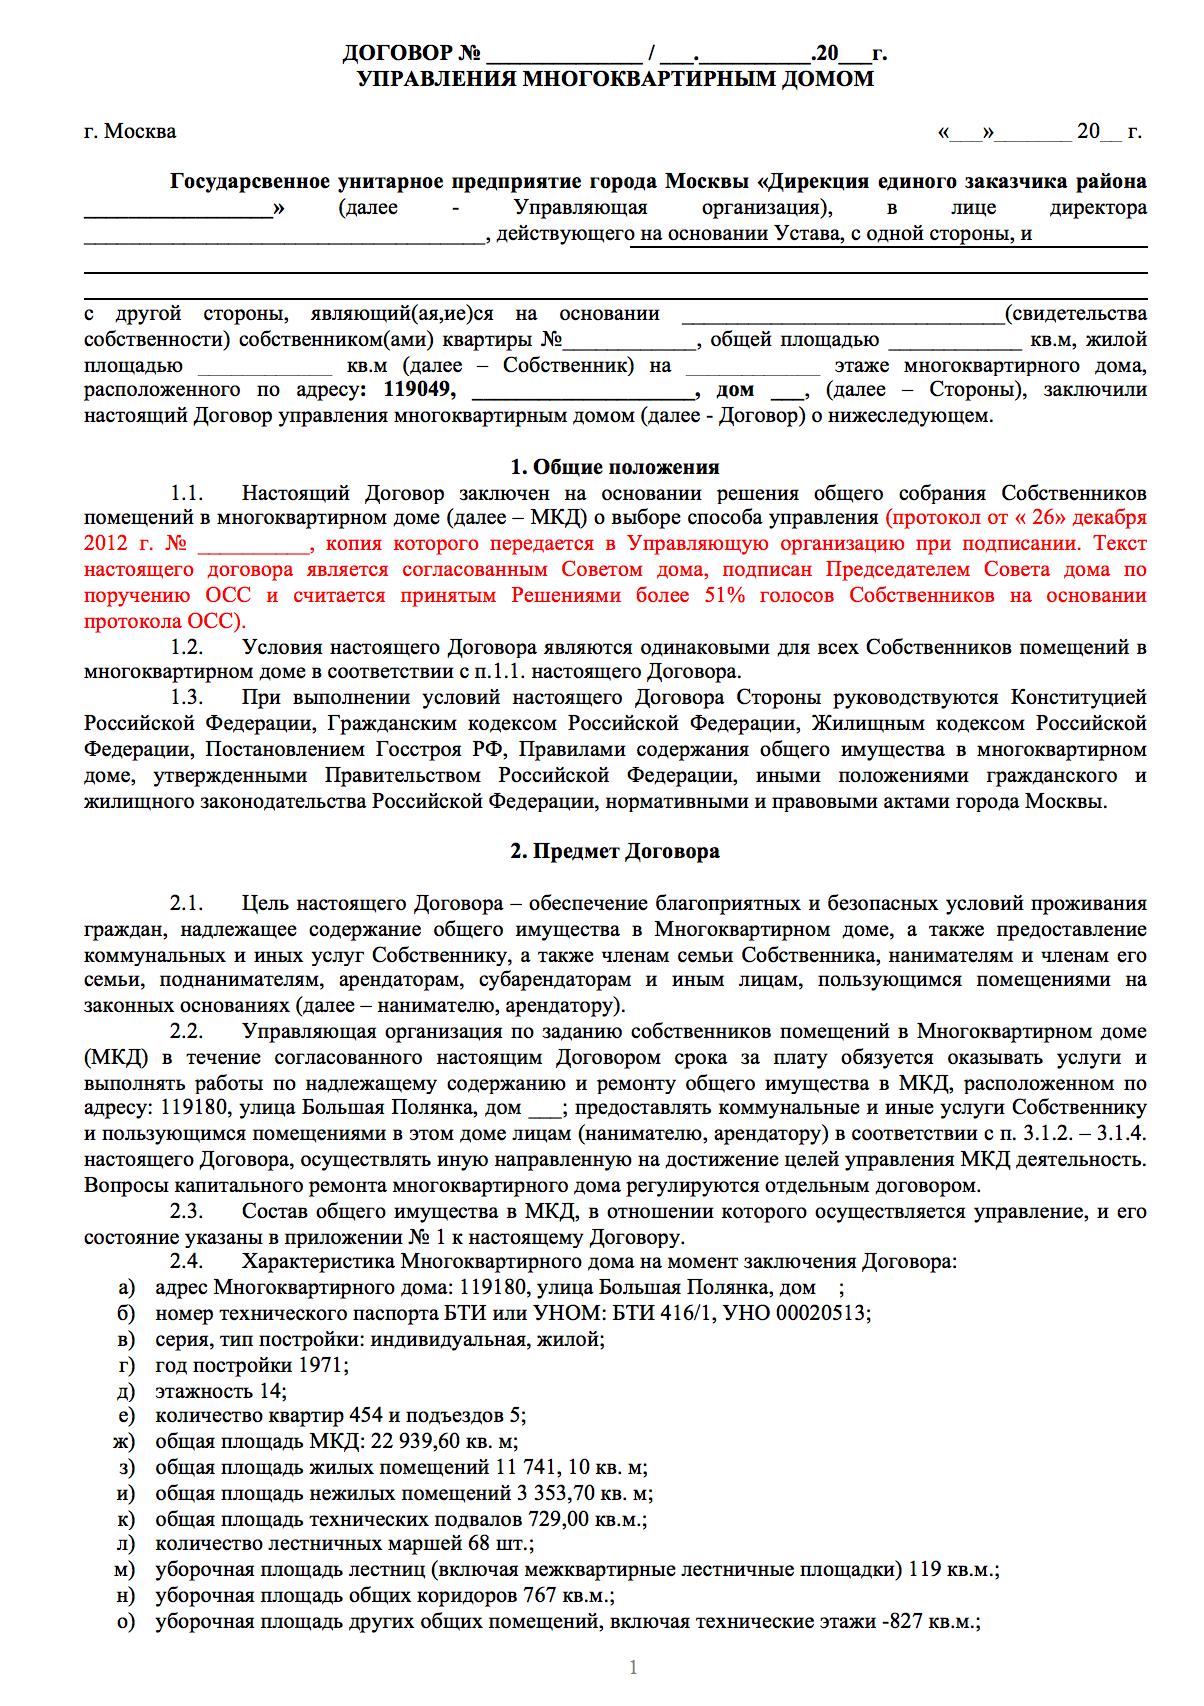 В договоре 15 страниц. Важные для собственников формулировки выделены красным